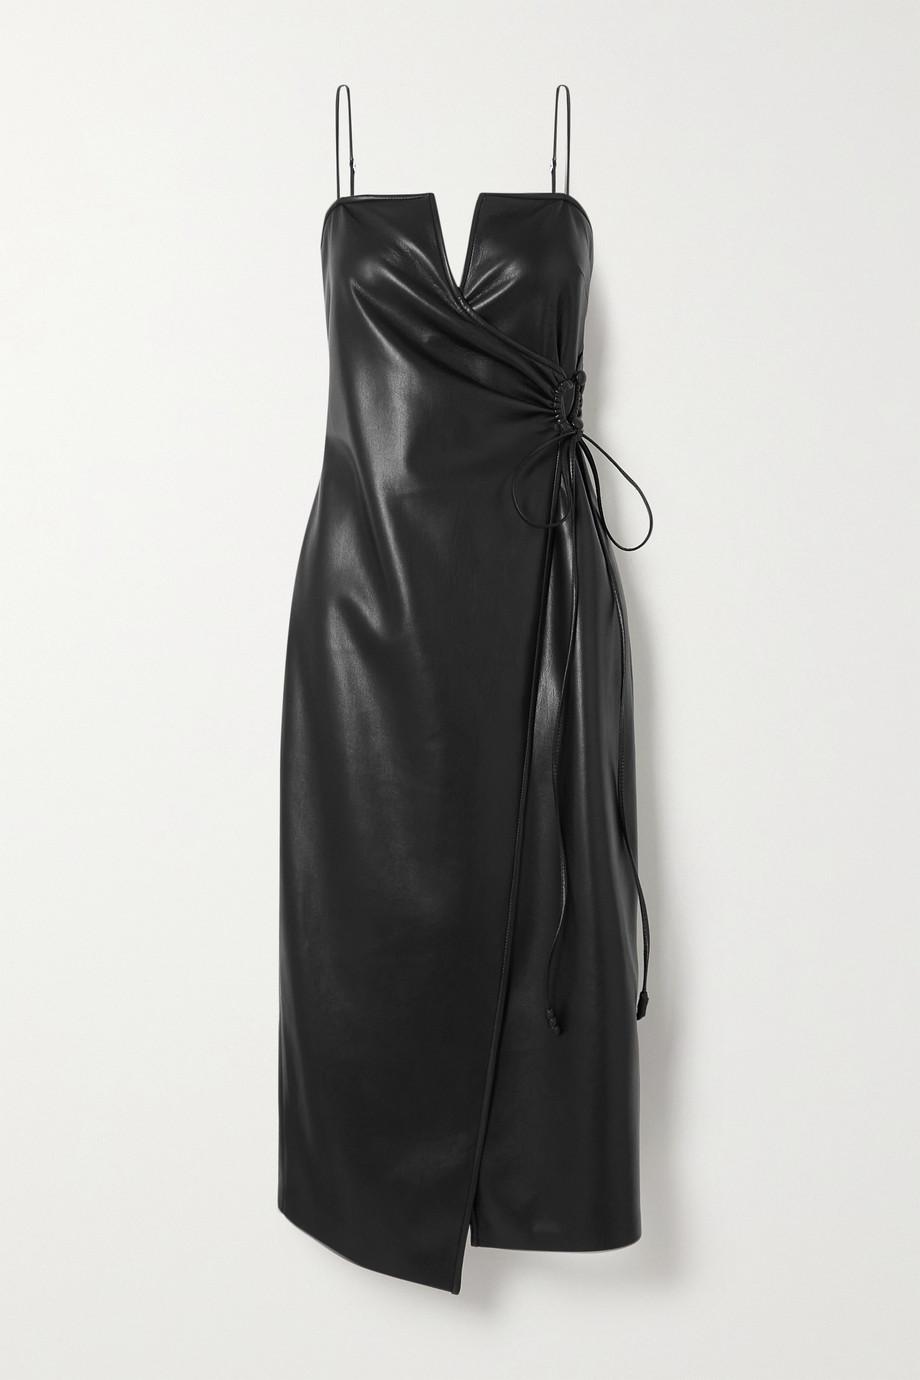 Nanushka Anubi Midi-Wickelkleid aus veganem Leder